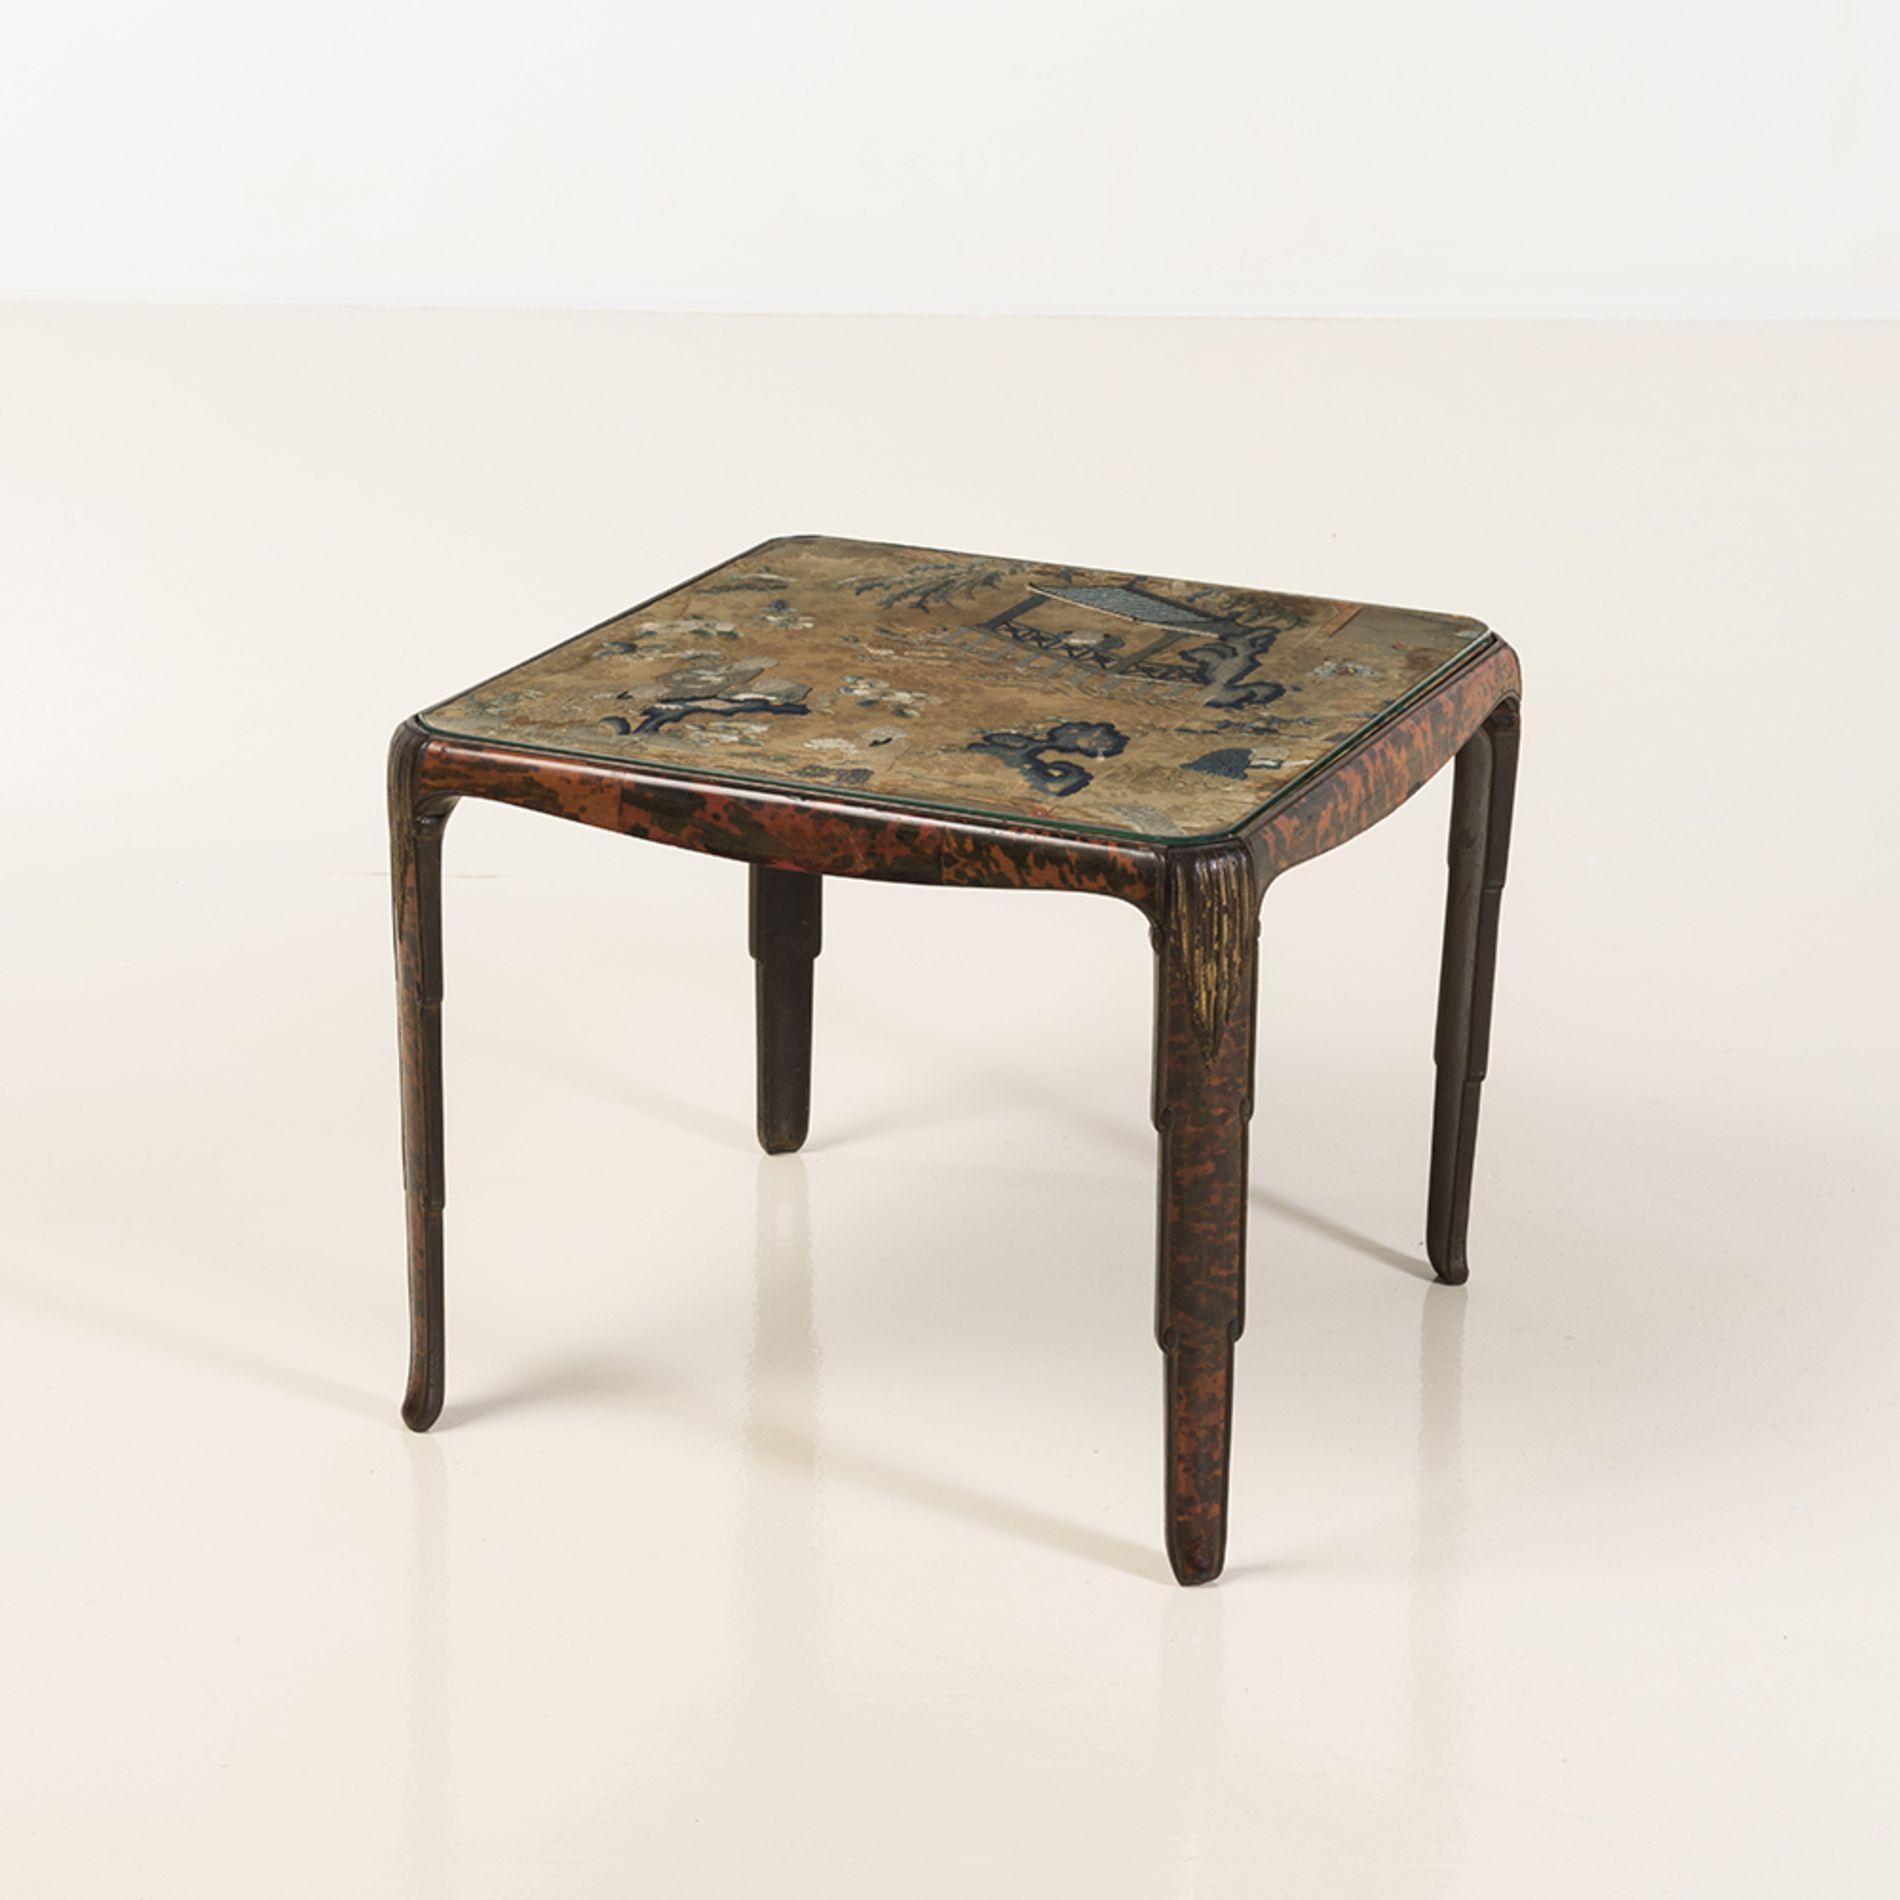 maison franck anvers table basse bois sculpt et placage dcaille plateau agrment - Table Japonaise Basse